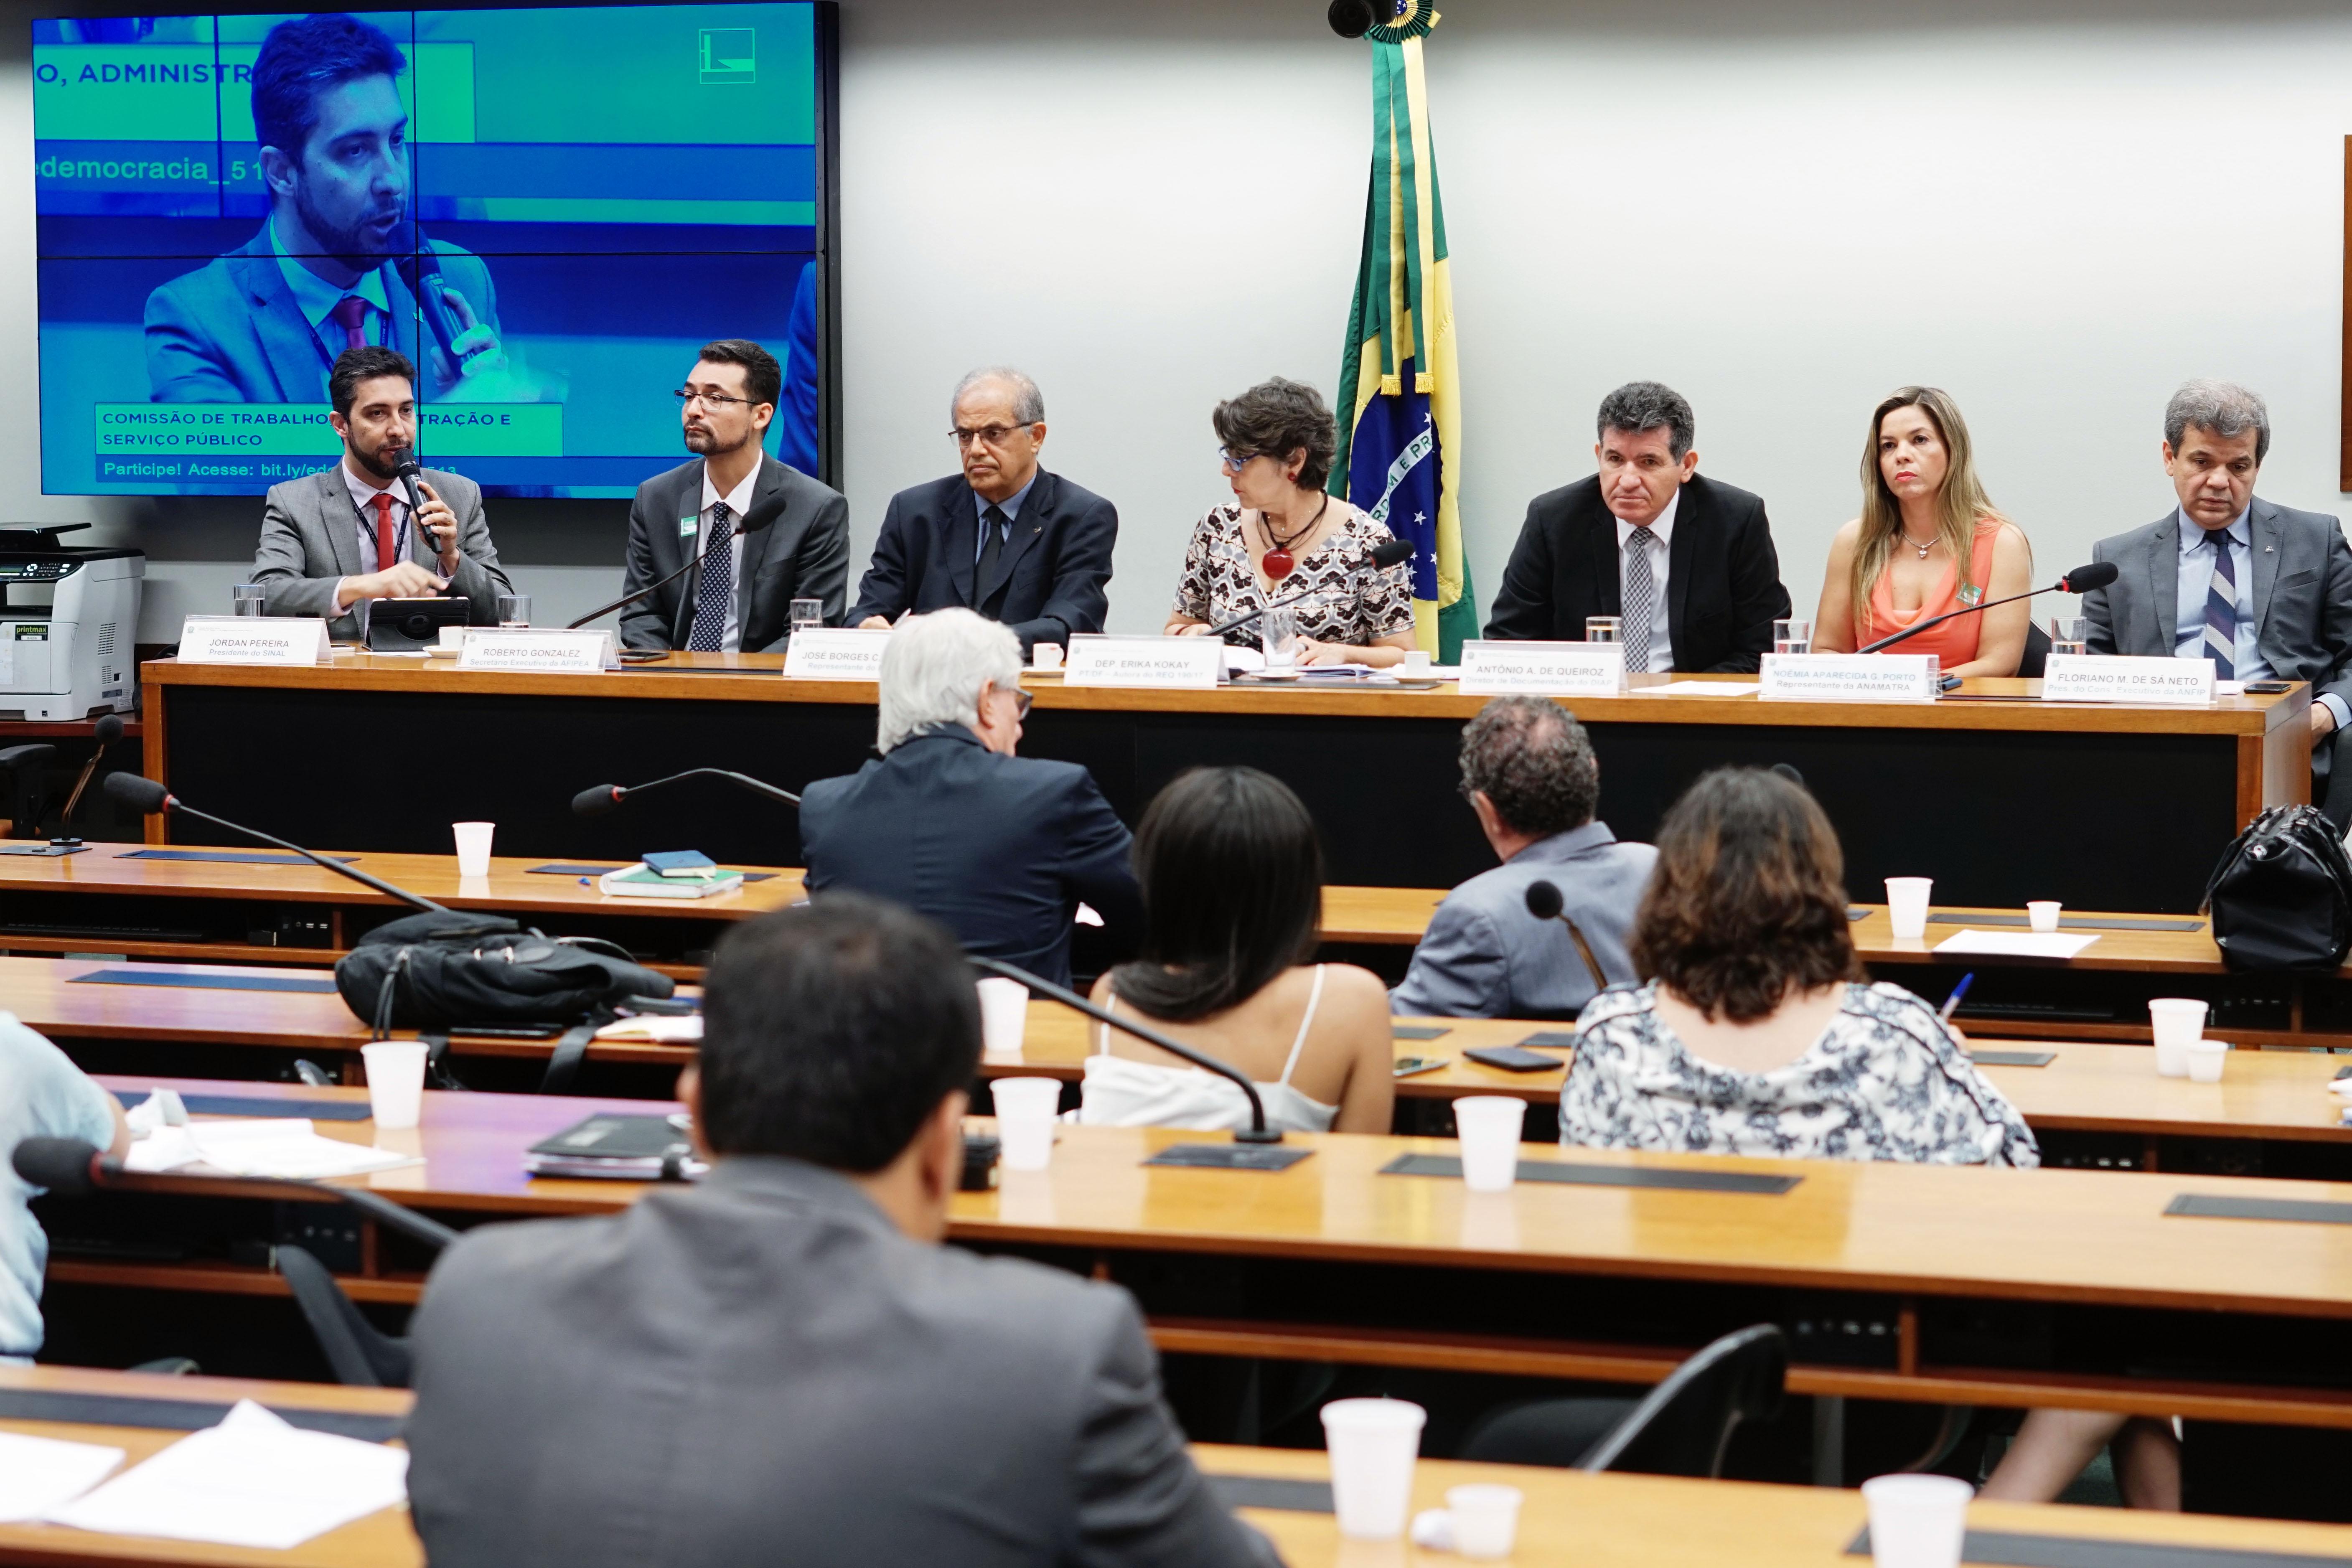 Servidores públicos defendem que projeto de lei sobre negociação coletiva seja sancionado já